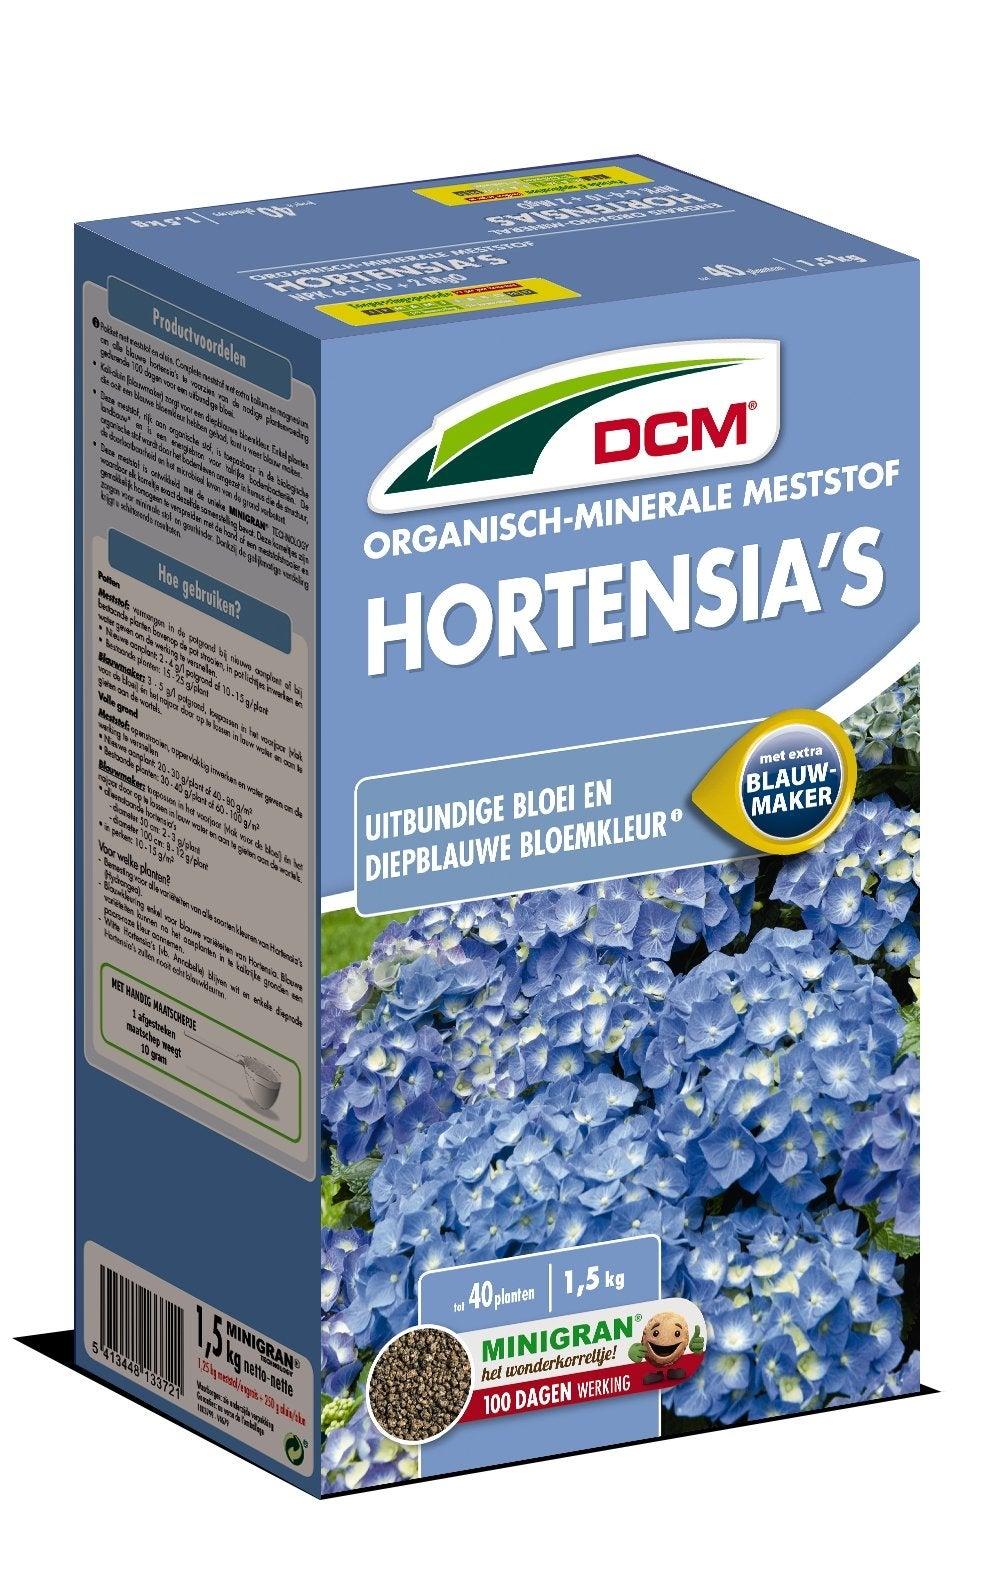 DCM Bio meststof hortensia met blauwmaker 1,5 kg